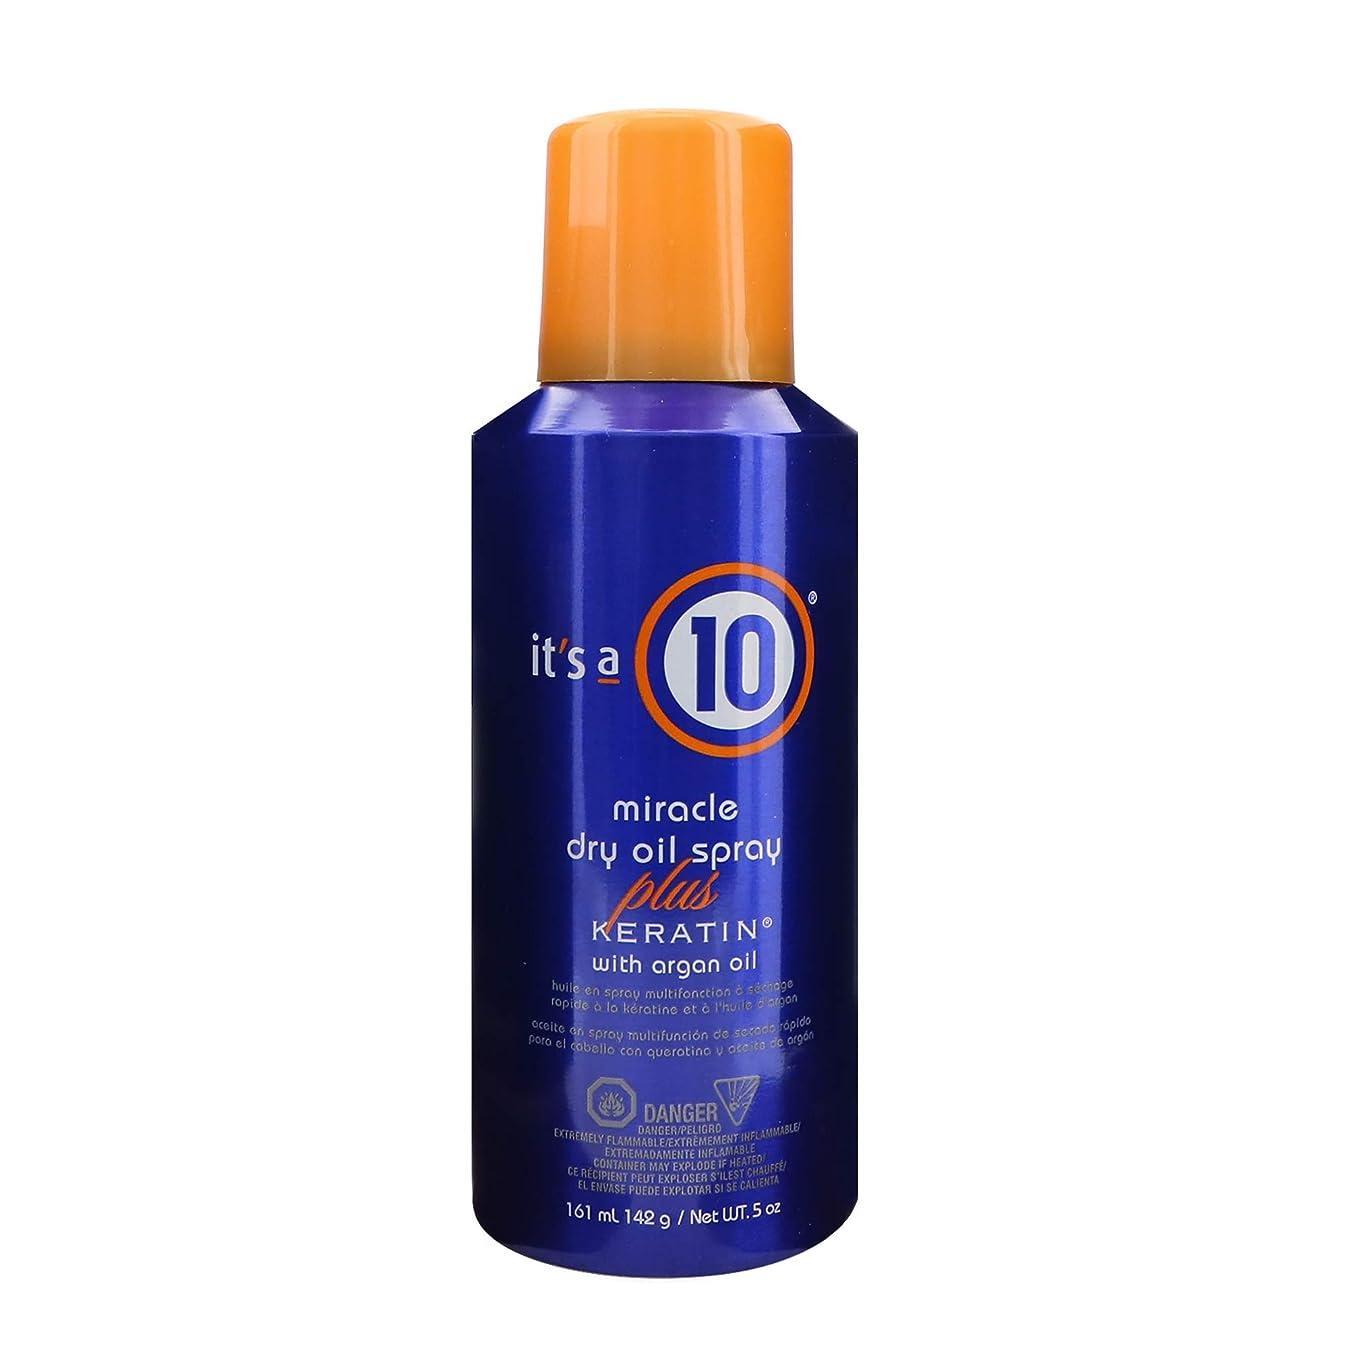 職人監督するブッシュIt's a 10 Haircare ミラクルドライオイルはアルガンオイル、5フロリダでプラスケラチンをスプレーしてください。オズ。 5オンス